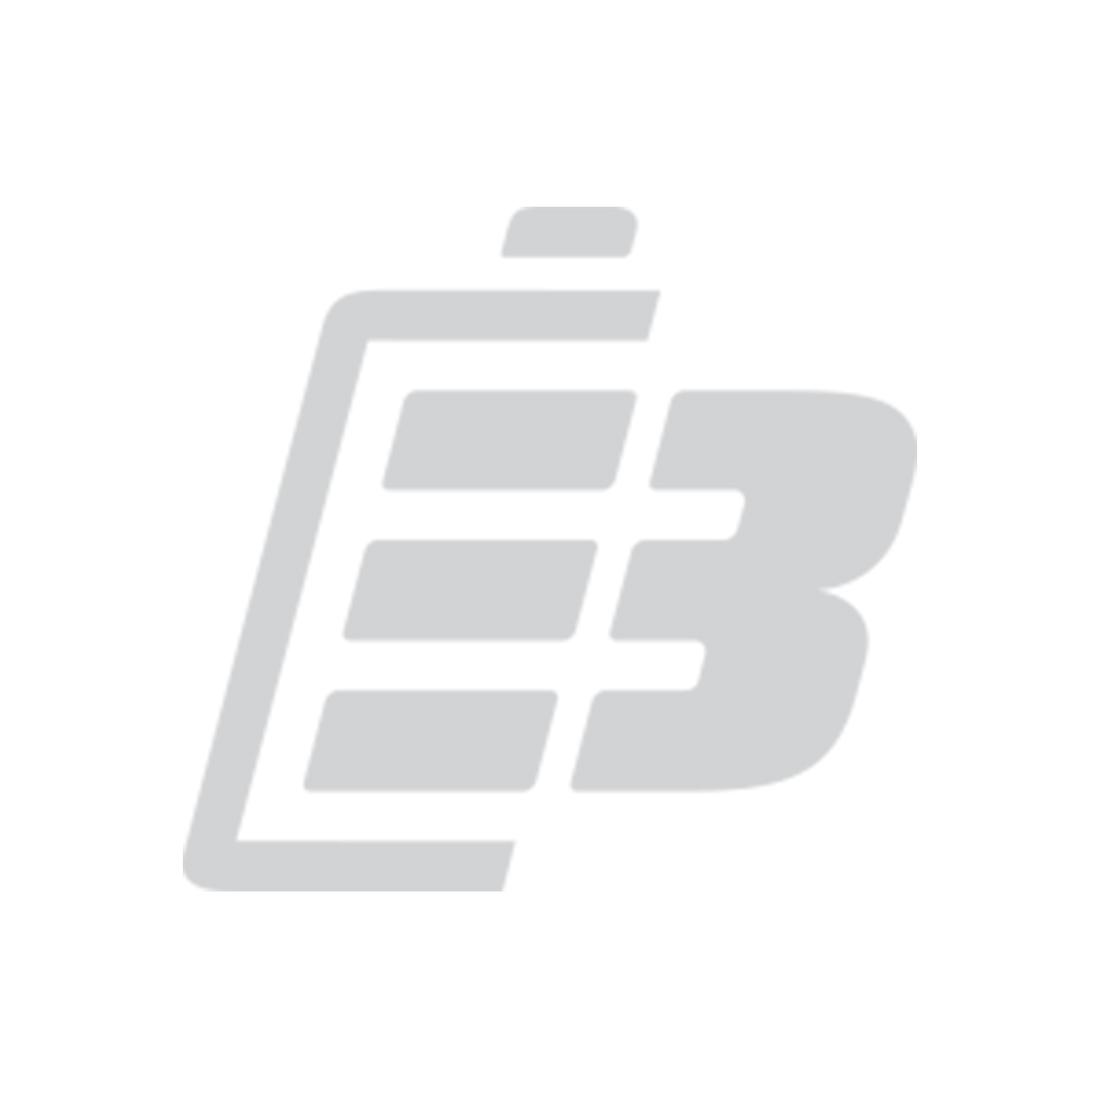 Μπαταρία ηλεκτρικού κολάρου σκύλου Dogtra Transmitter 2500B_1